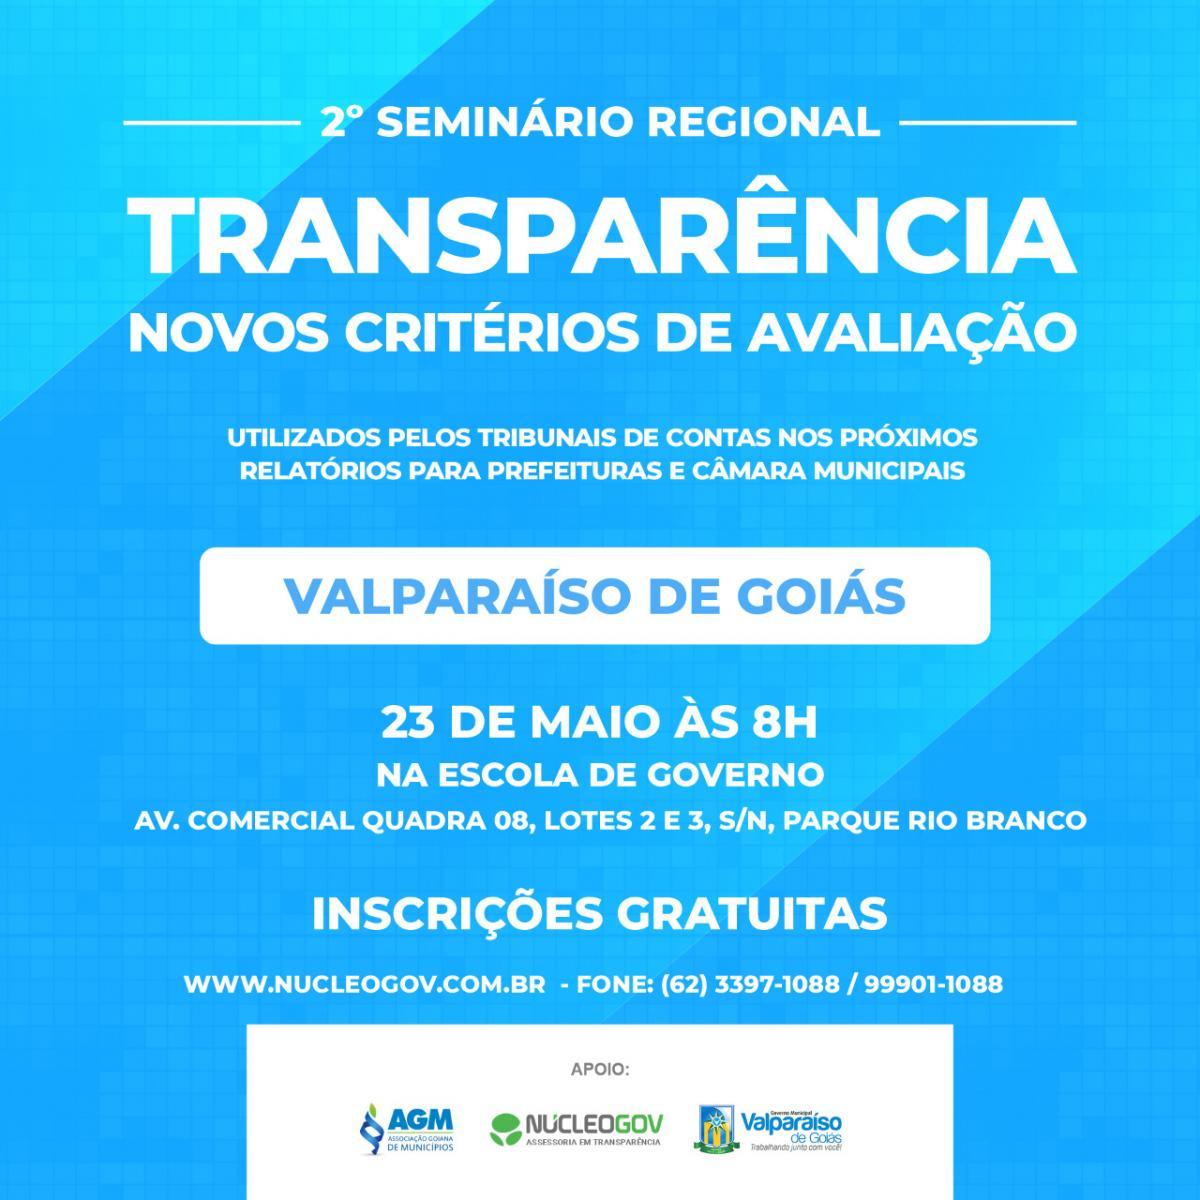 2º Seminário Regional – Transparência Novos Critérios de Avaliação